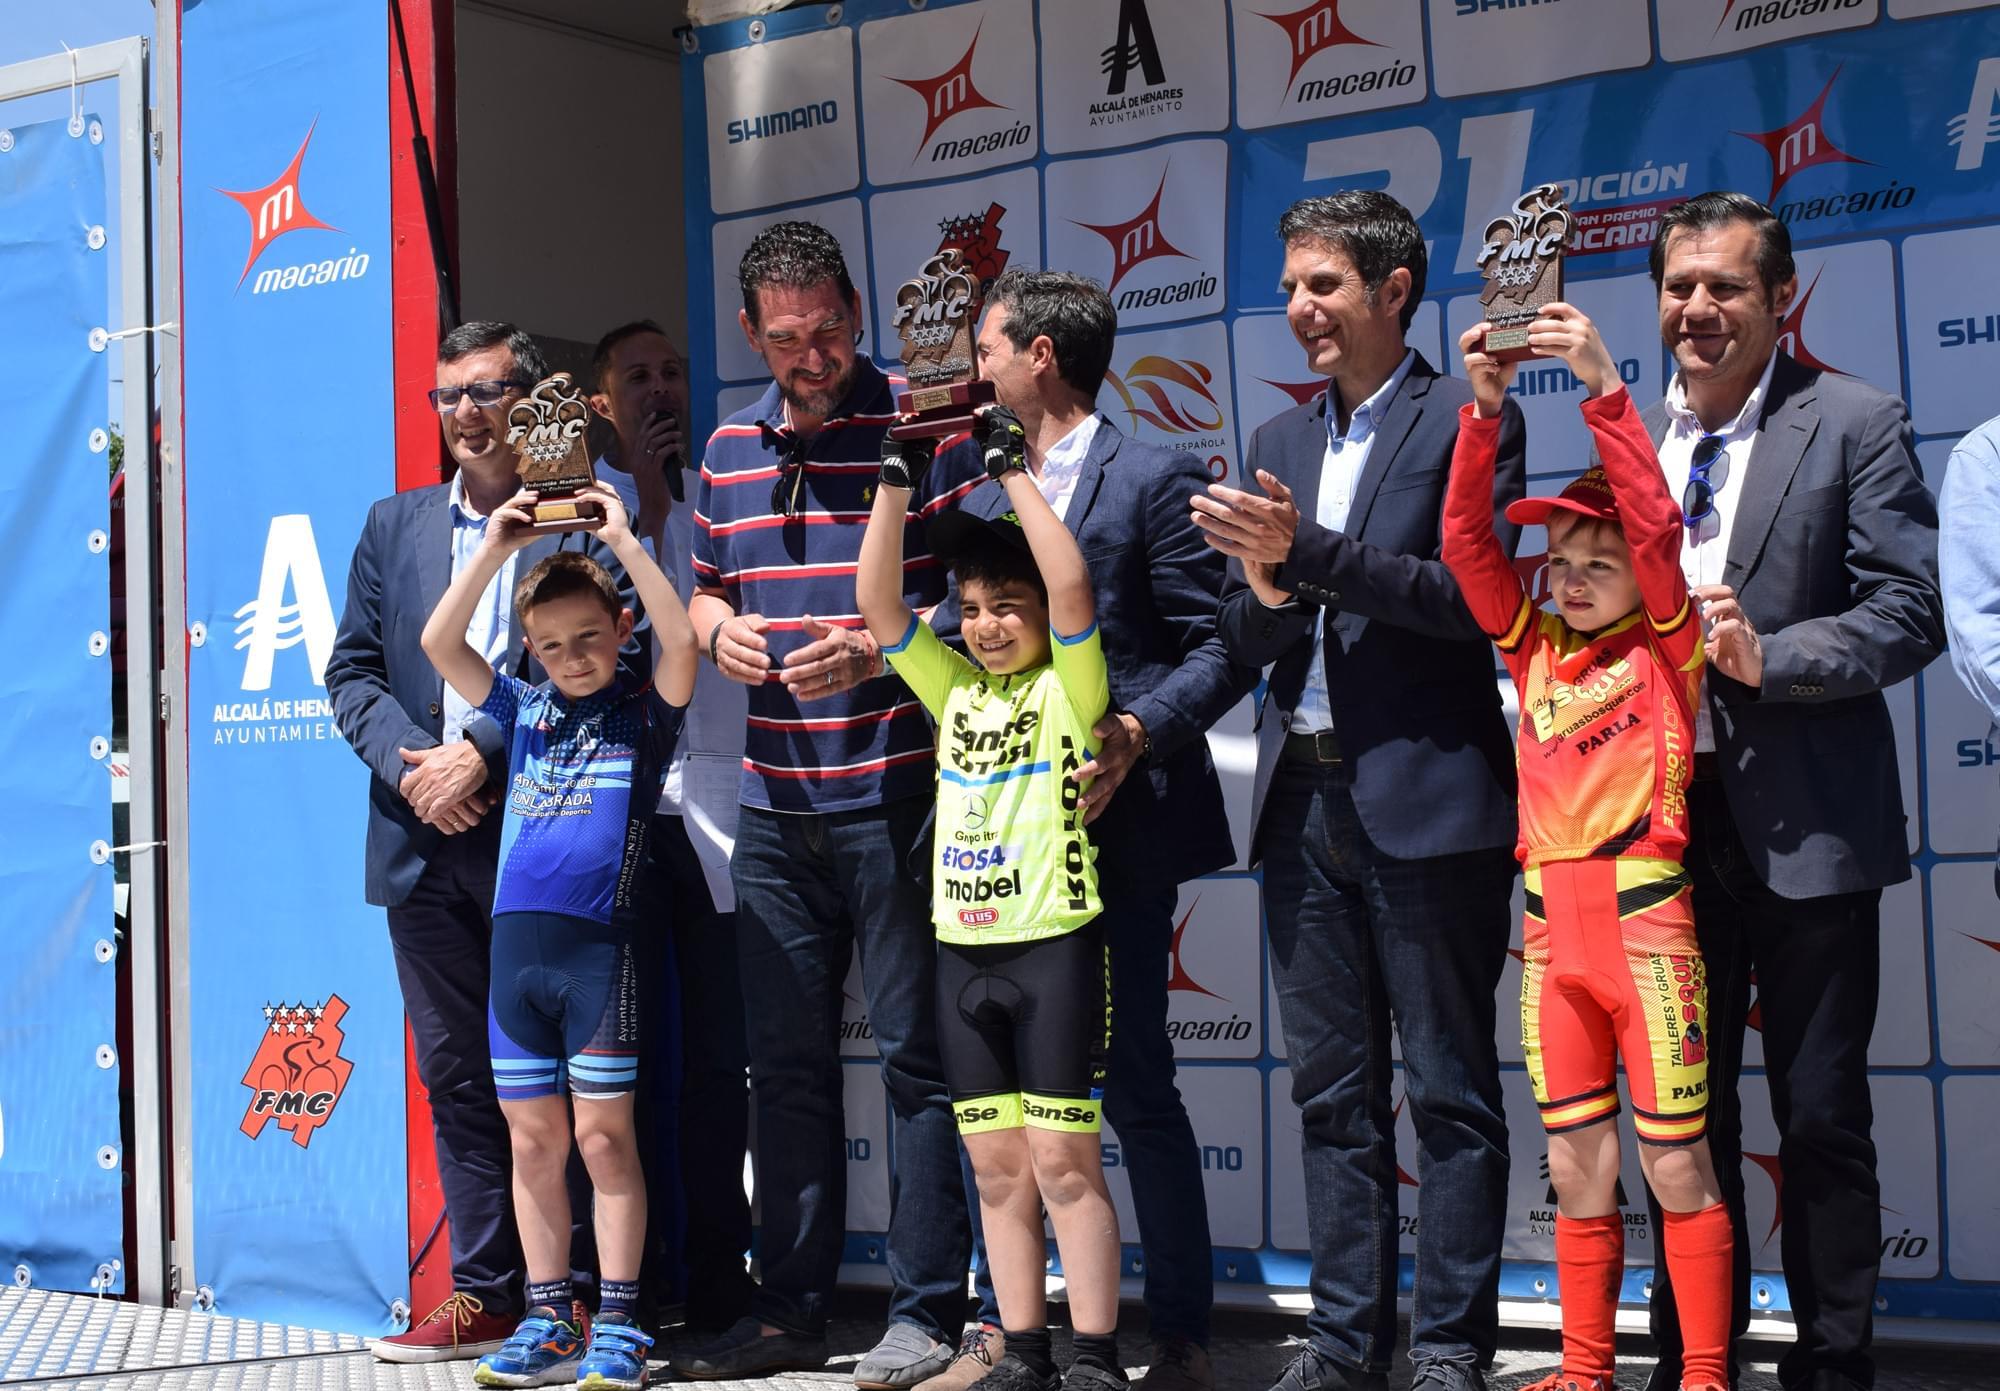 La UC Coslada se impuso en el III Trofeo Escolar-Gran Premio Shimano